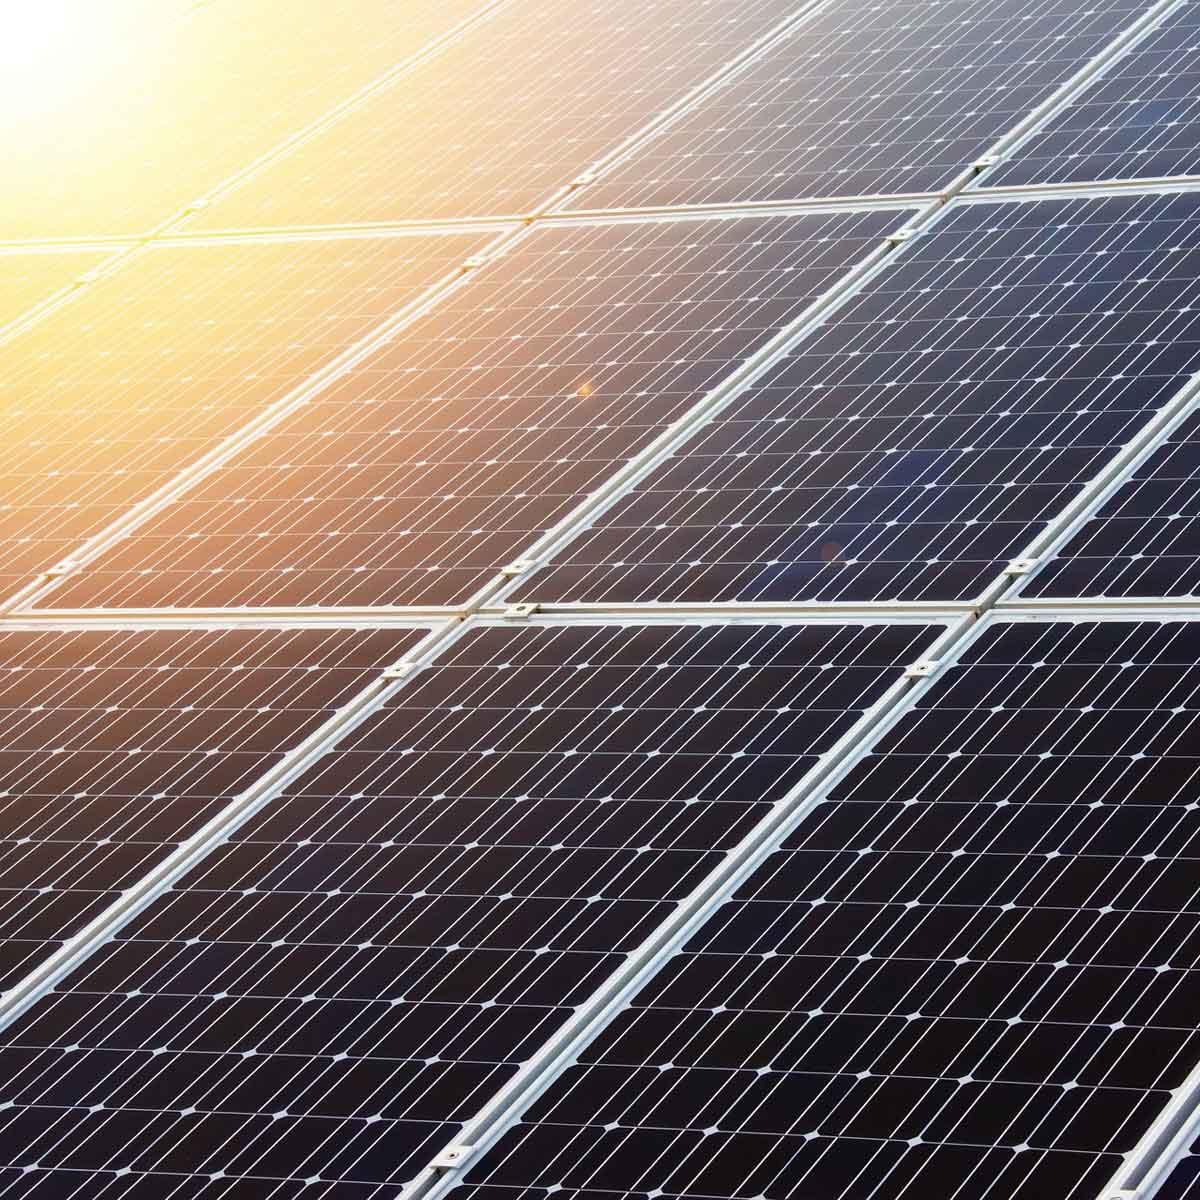 Orbitalservice-Nachhaltigkeit-Solarenergie